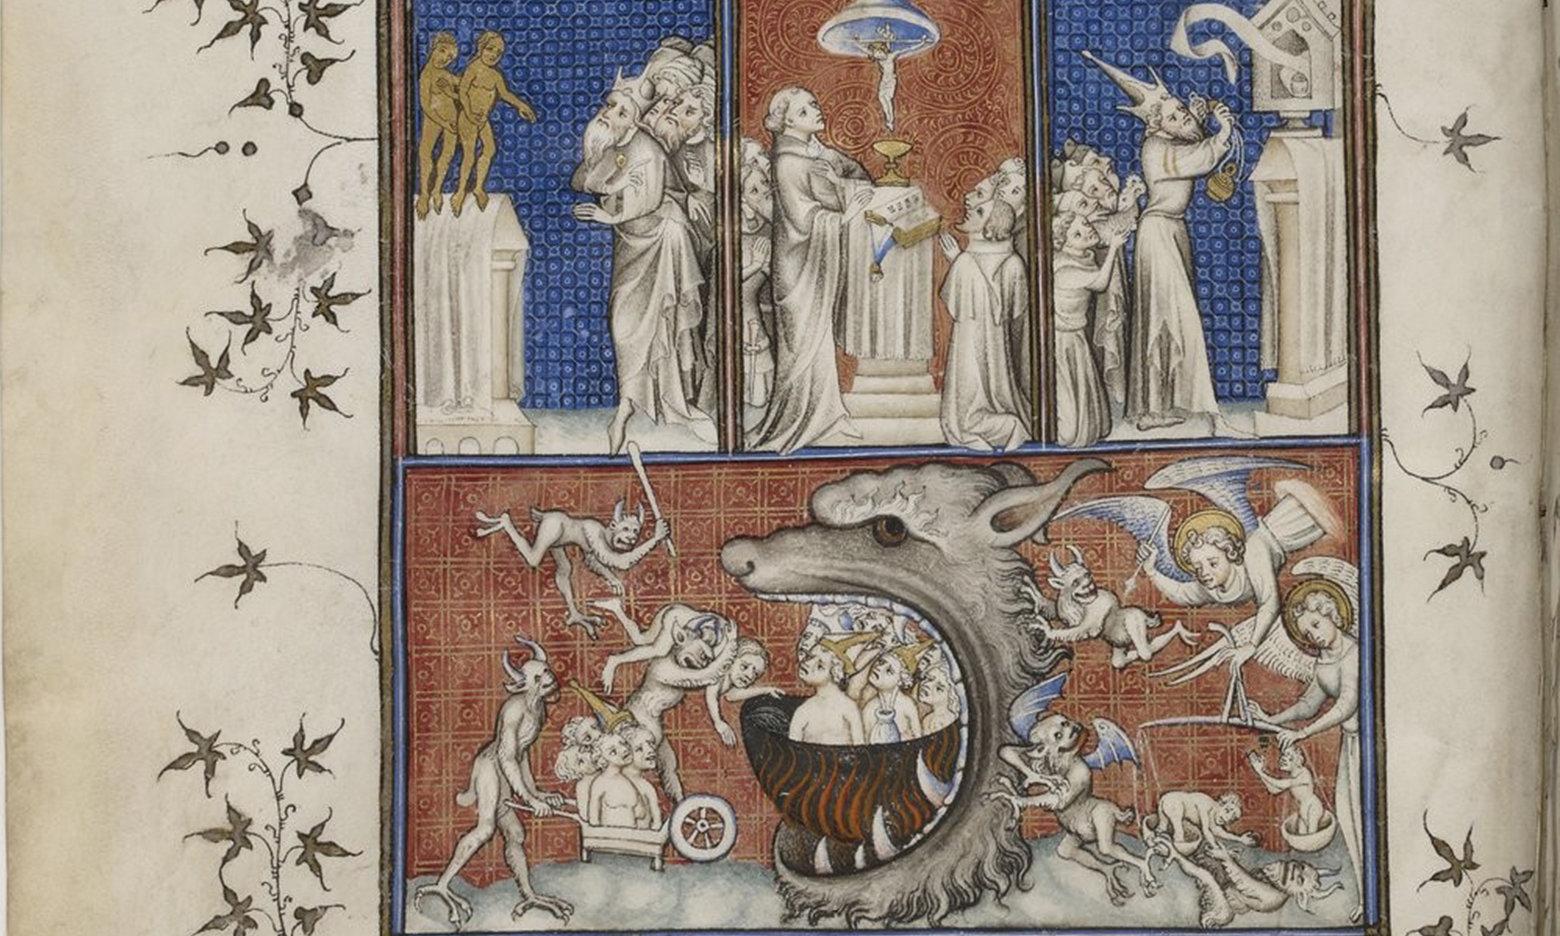 Saint Augustine, De Civitate Dei, French translation by Raoul de Presles f10, Paris, 14th century (c. 1375-1379), Bibliothèque nationale de France, Manuscrits, Français 2813 Parchment, 543 ff., 330 x 220 mm., Public Domain Mark